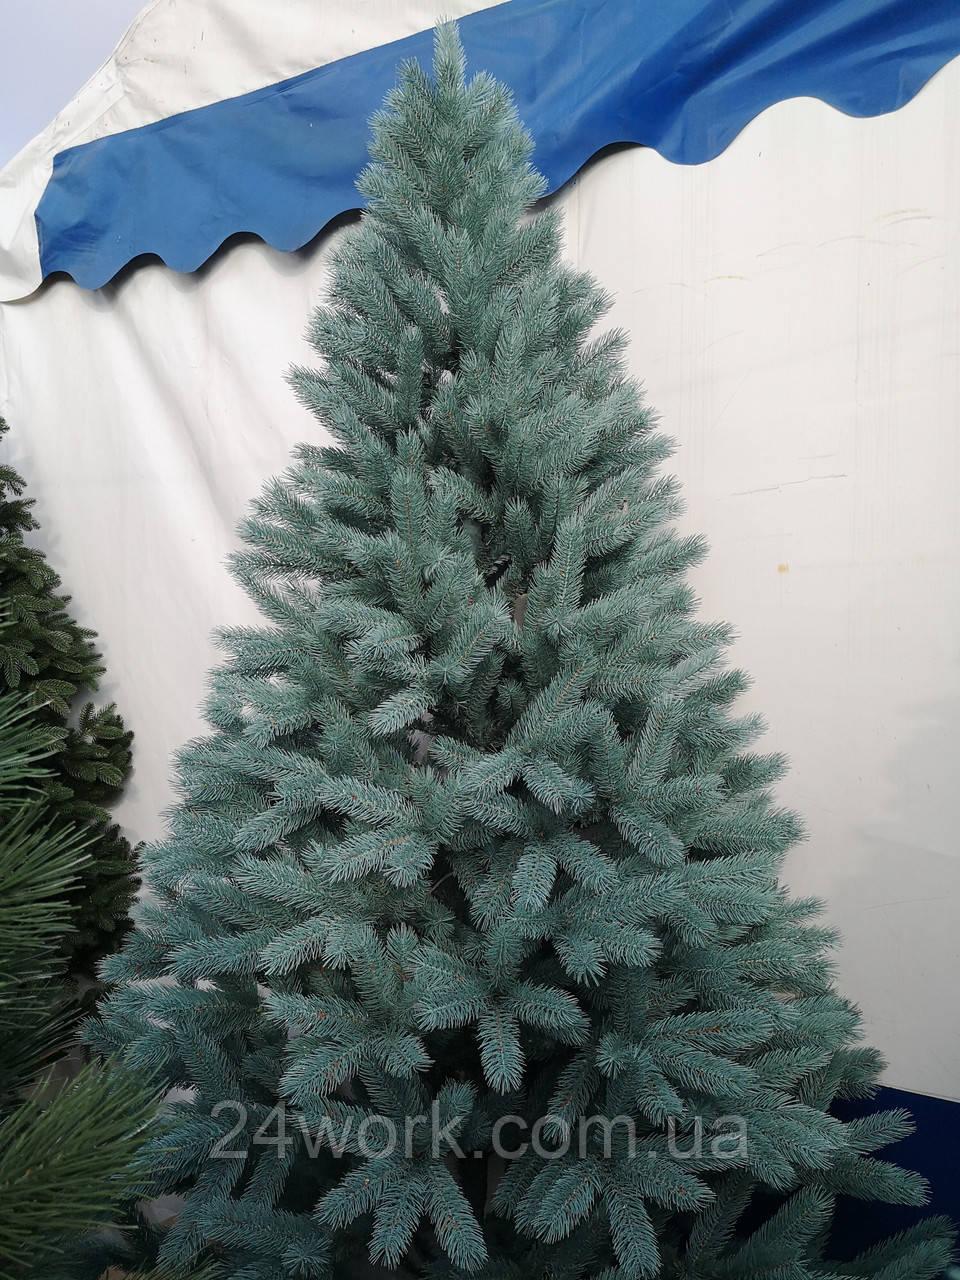 Ель искусственная литая голубая 1.8 м.